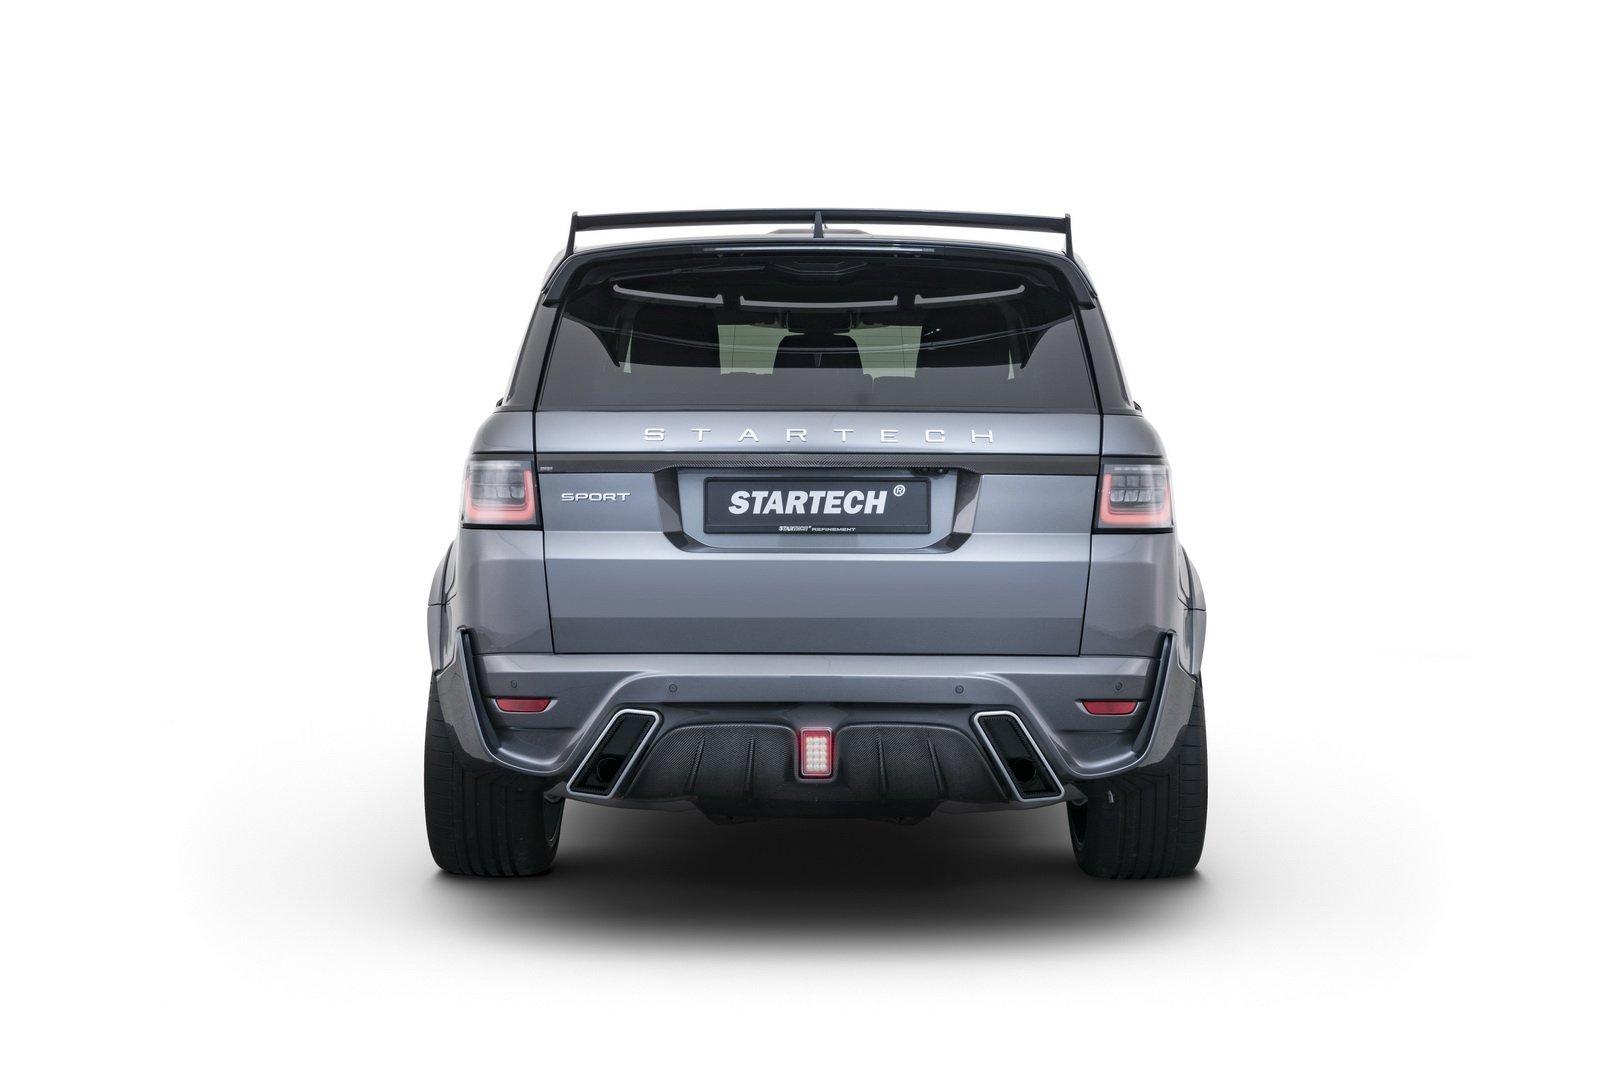 d88ee6ff-range-rover-sport-startech-tuning-5